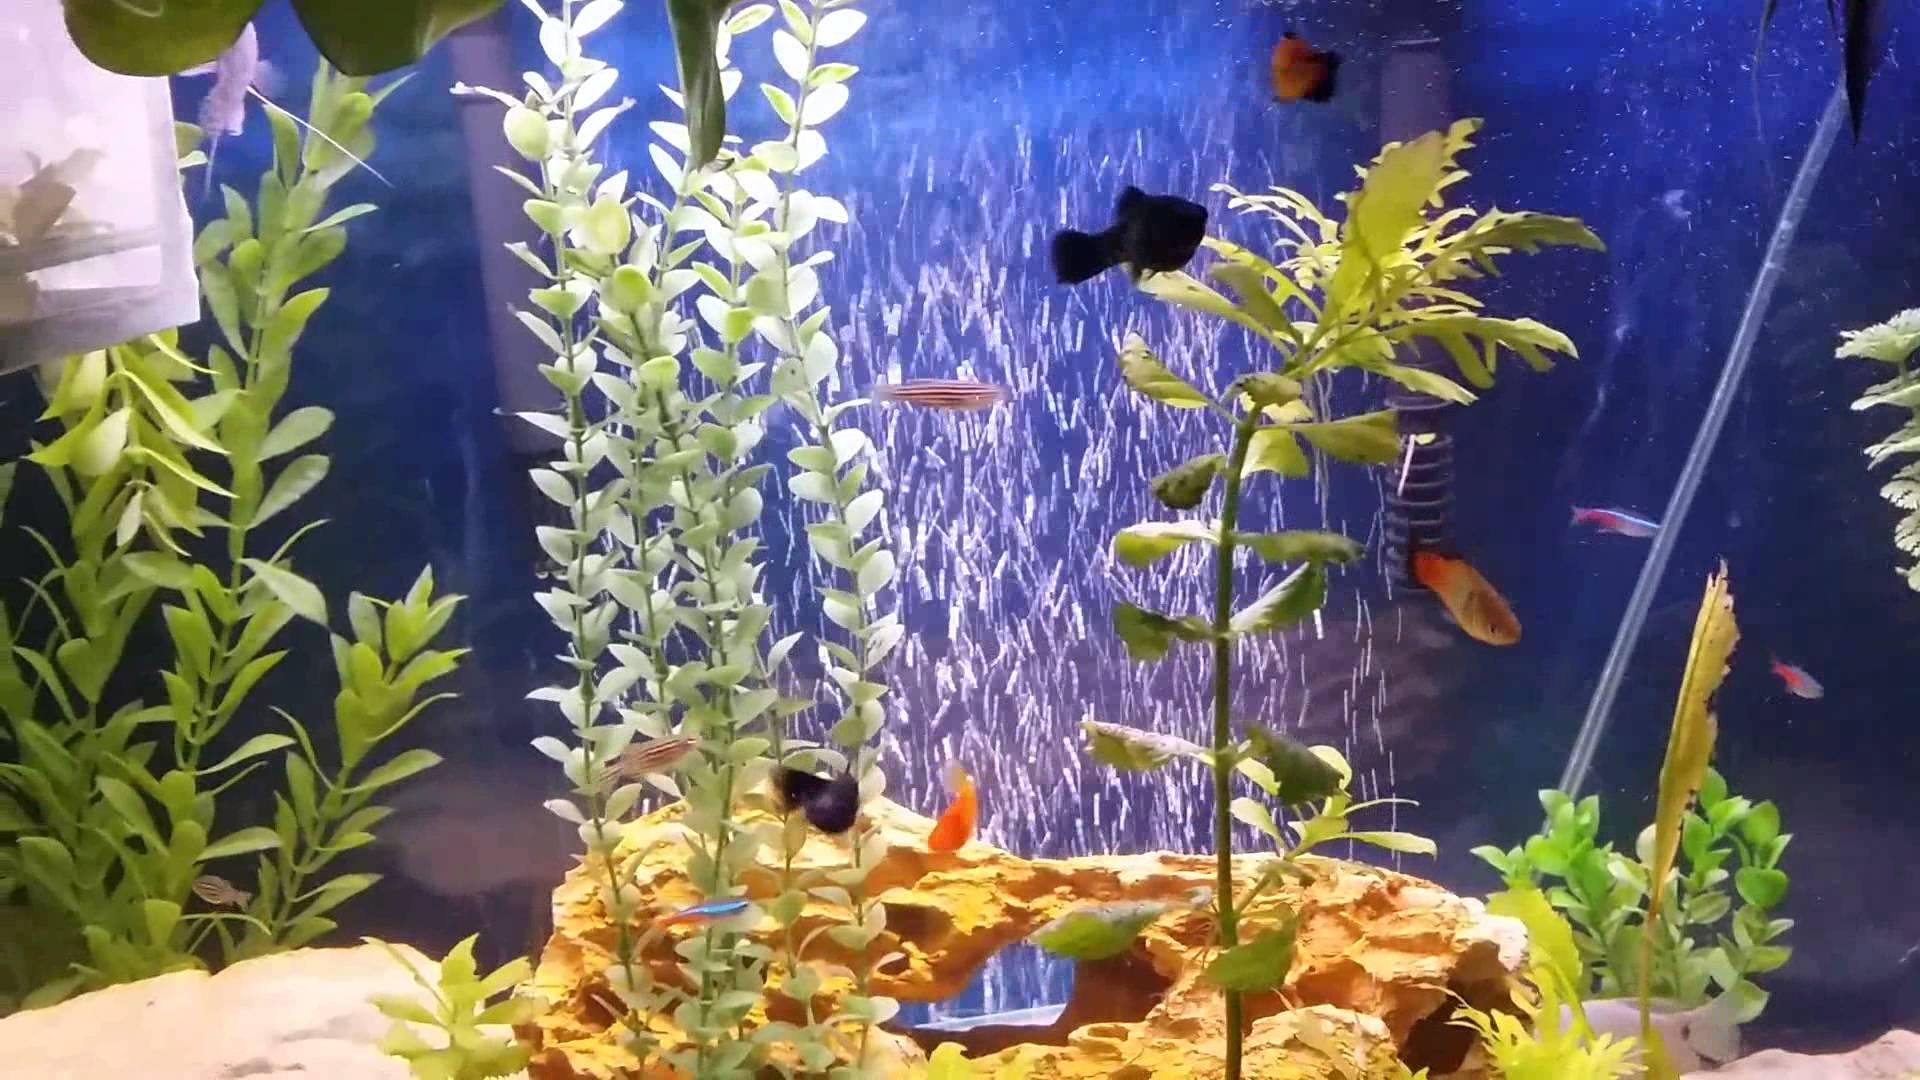 Аквариумные рыбки Данио, виды, фото, содержание ...